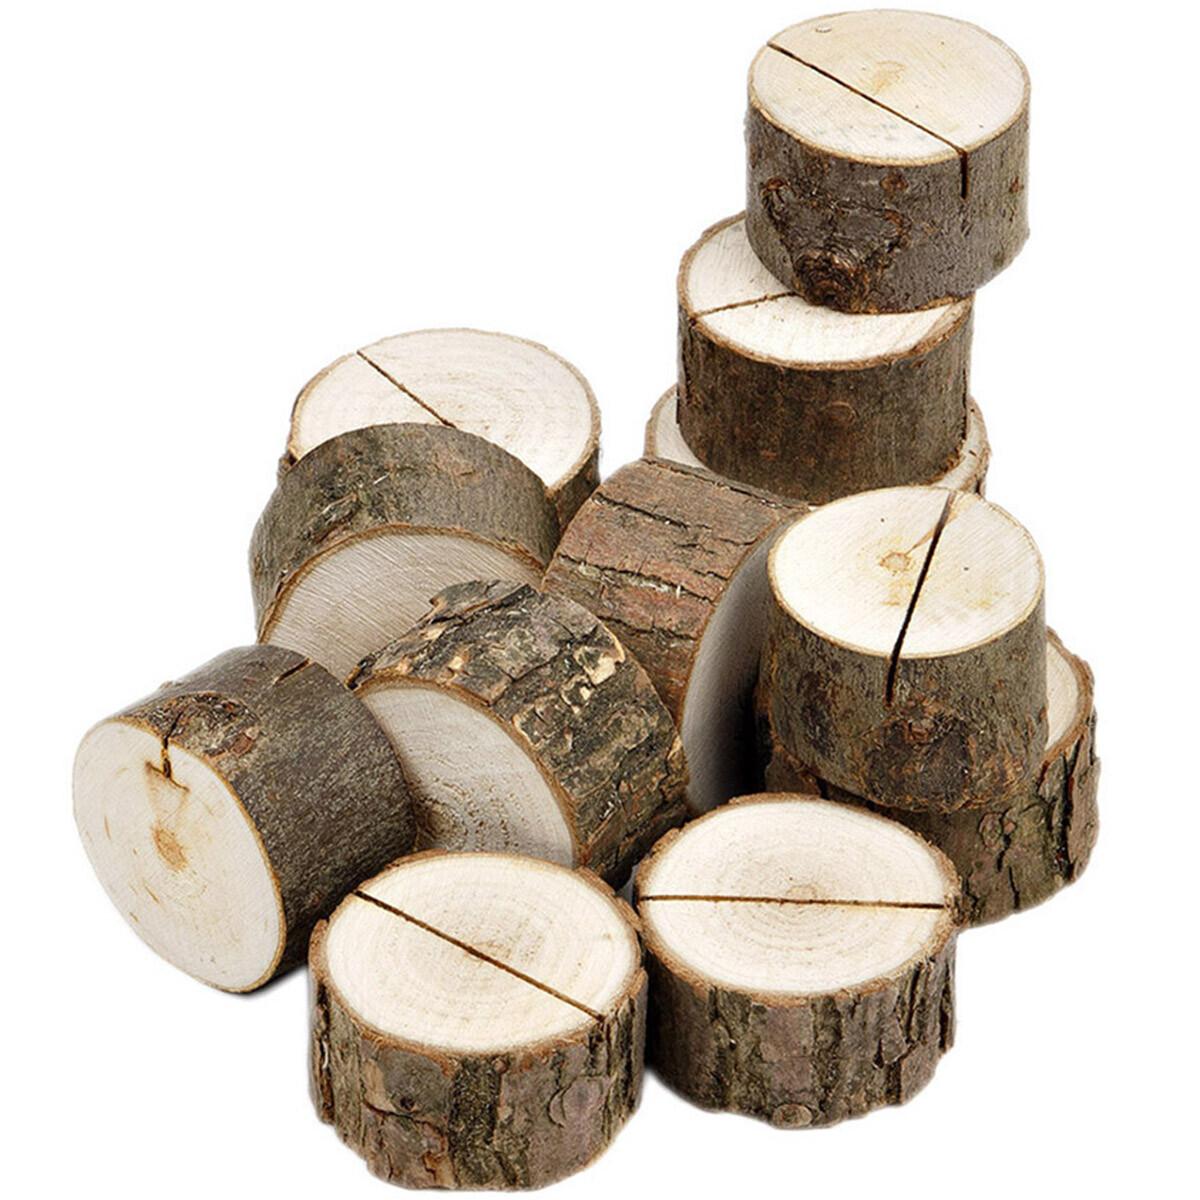 10 Stück Holzscheiben Ø 3 bis 4 cm Kartenhalter 2 cm Star